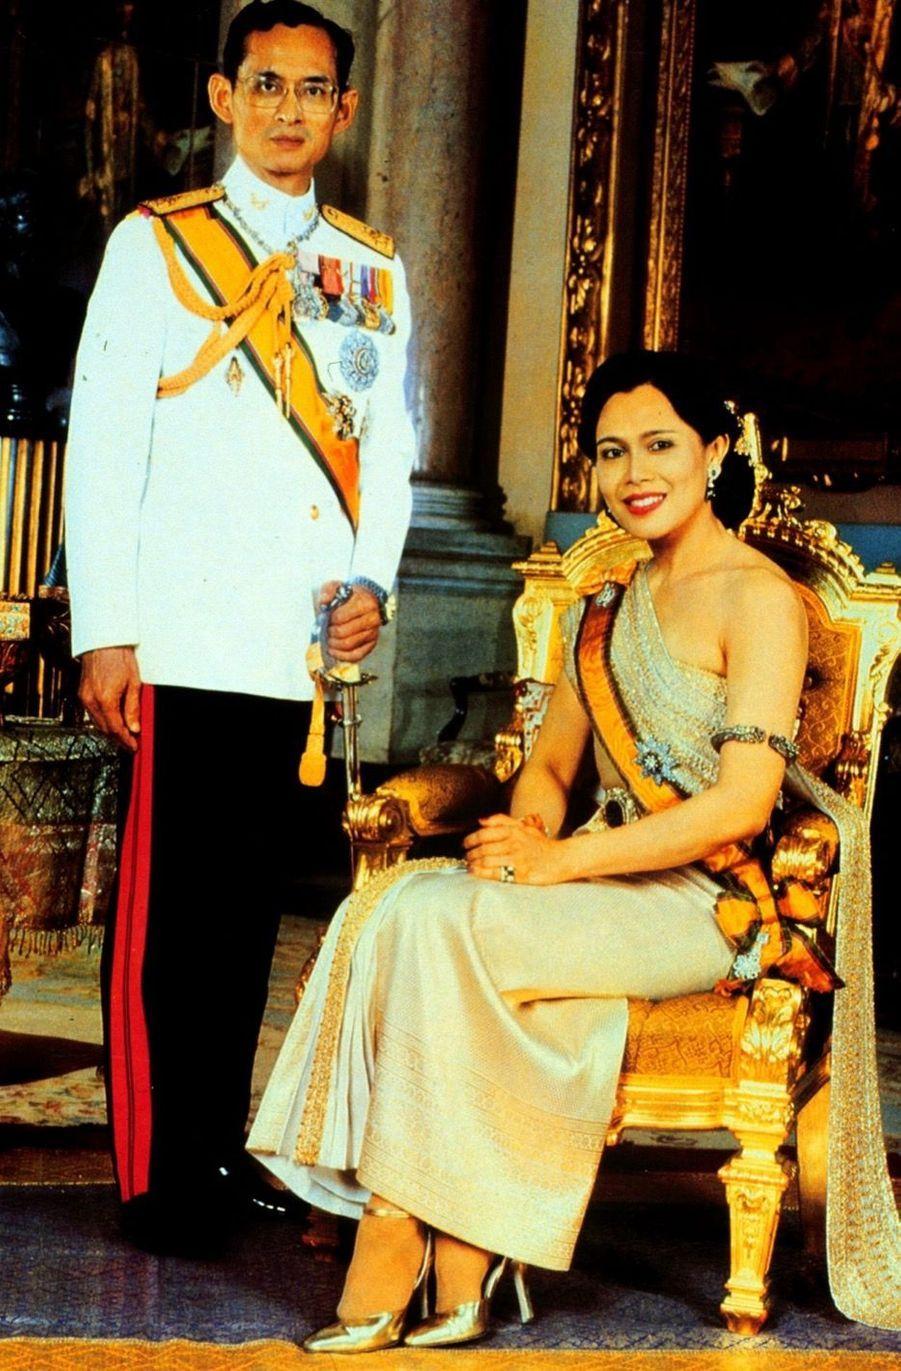 Le roi Bhumibol de Thaïlande avec son épouse la reine Sirikit, novembre 1996.